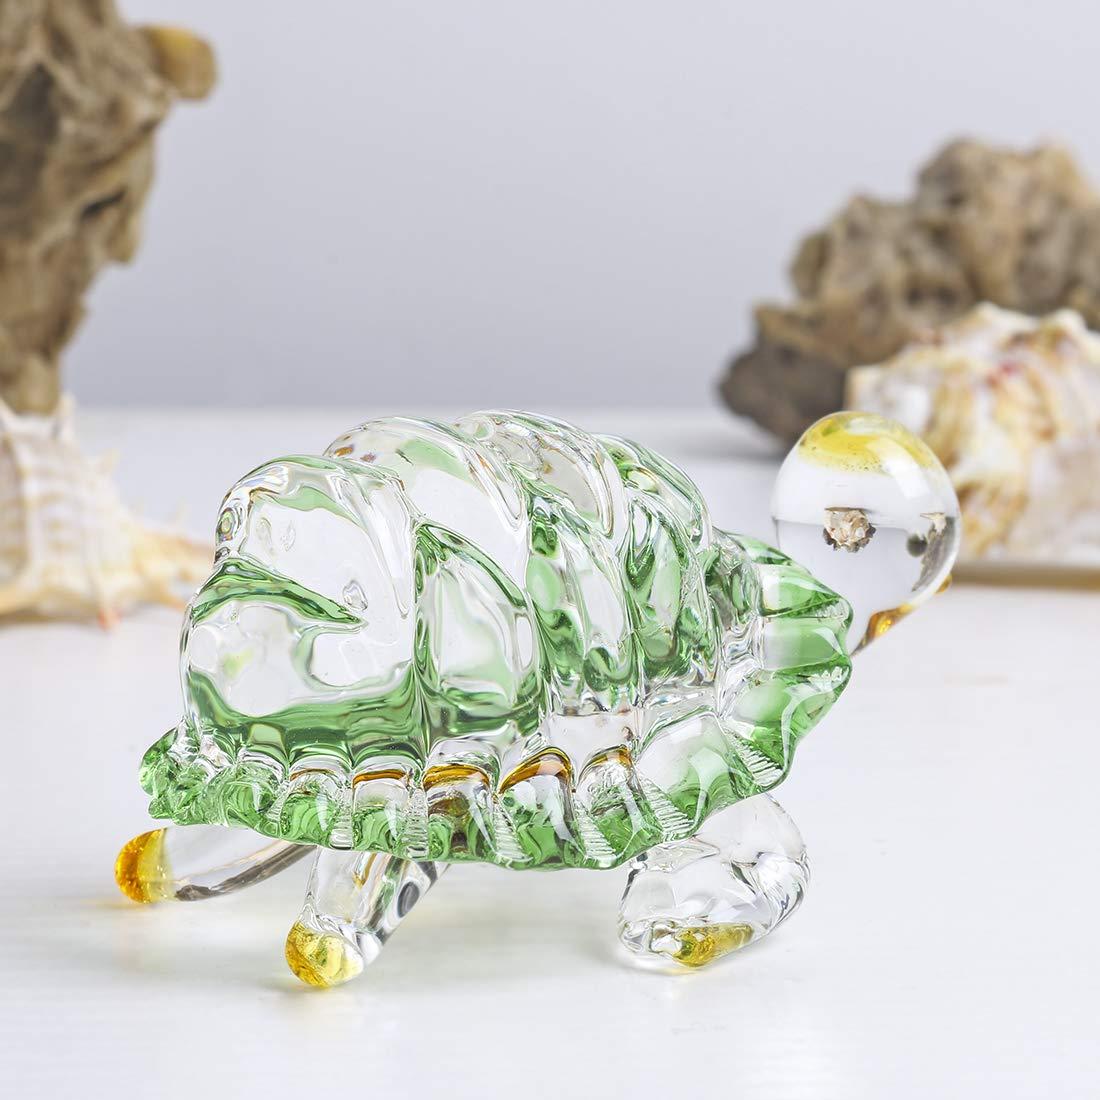 H&D Briefbeschwerer aus Glas, handgeblasen, Blau Seashell, 21    9.5cm  8.2  3.7in B07N1DJW4R | Große Auswahl  c3aeb2